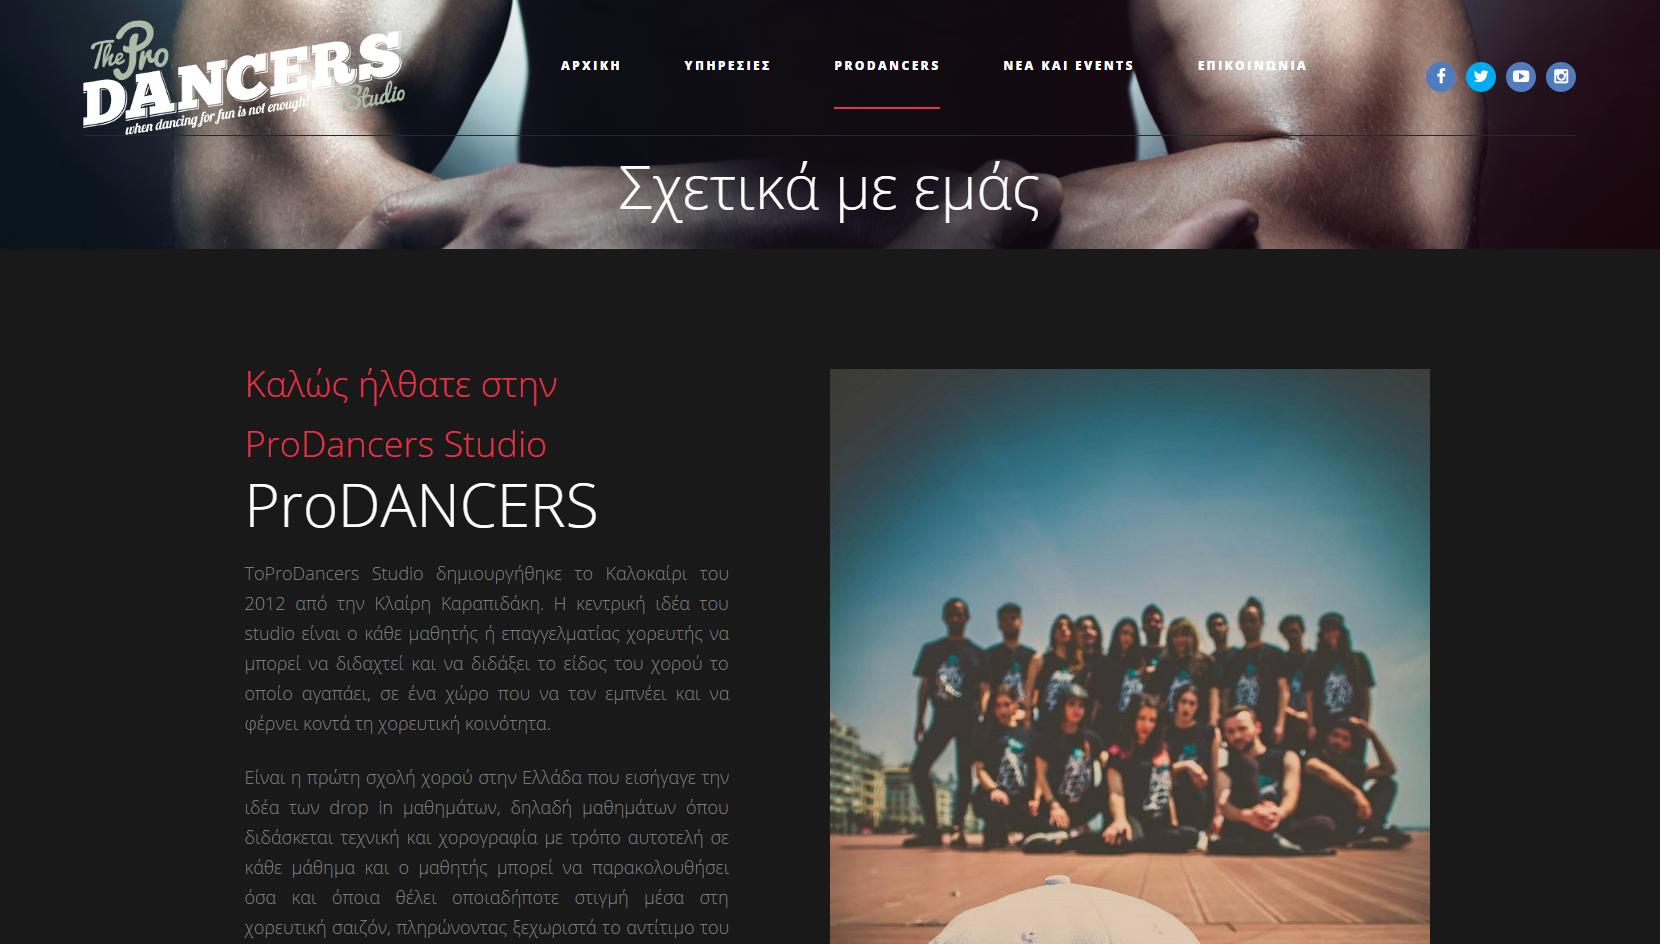 prodancers about